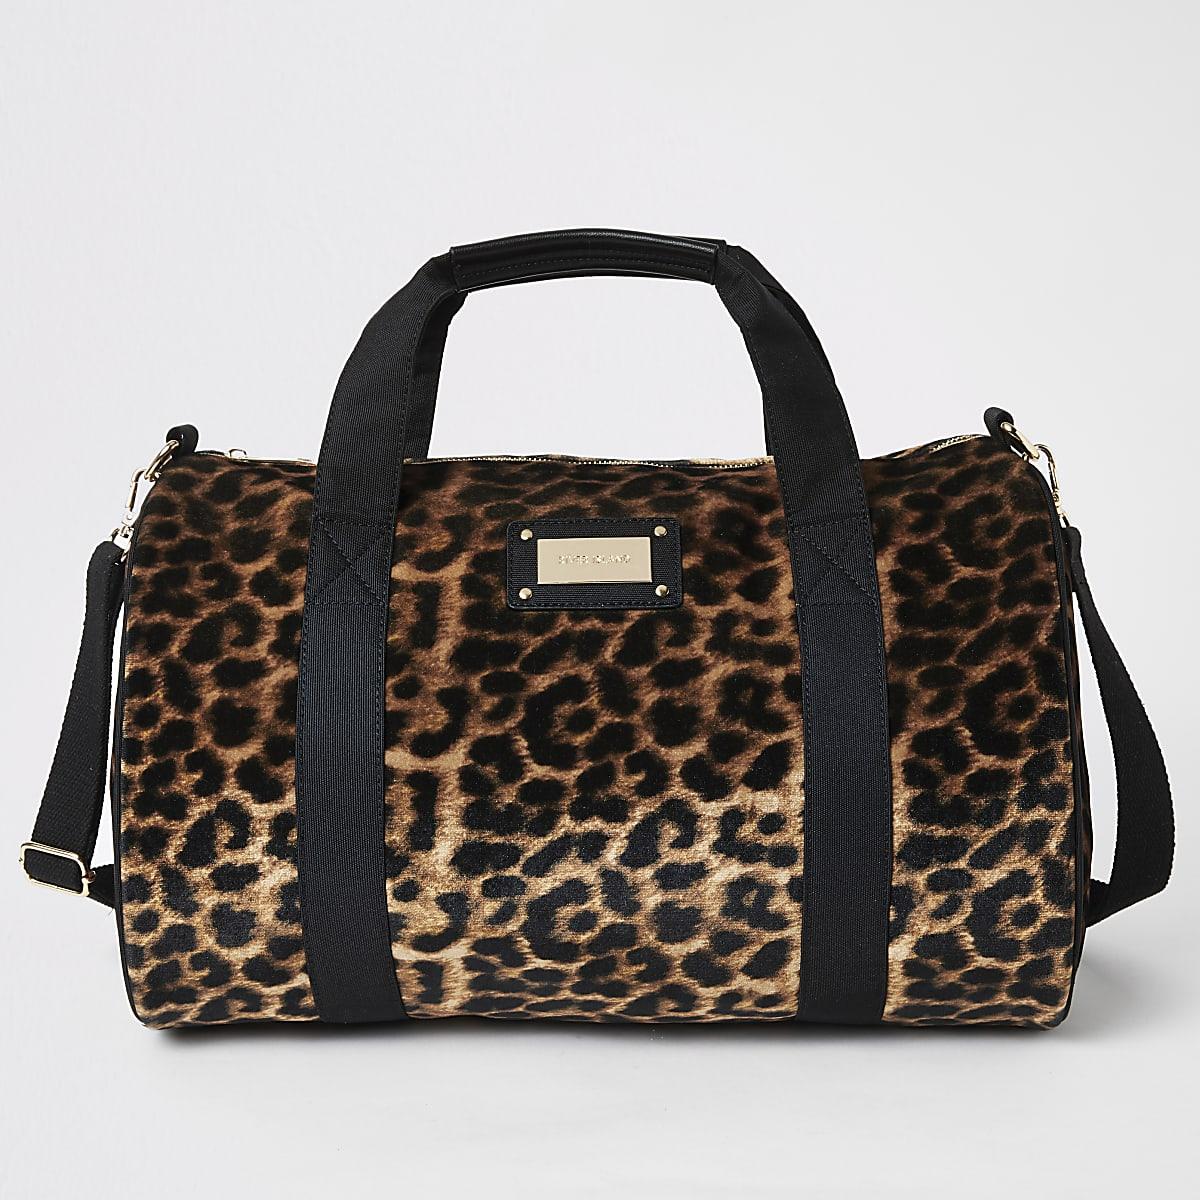 Sac de voyage imprimé léopard beige